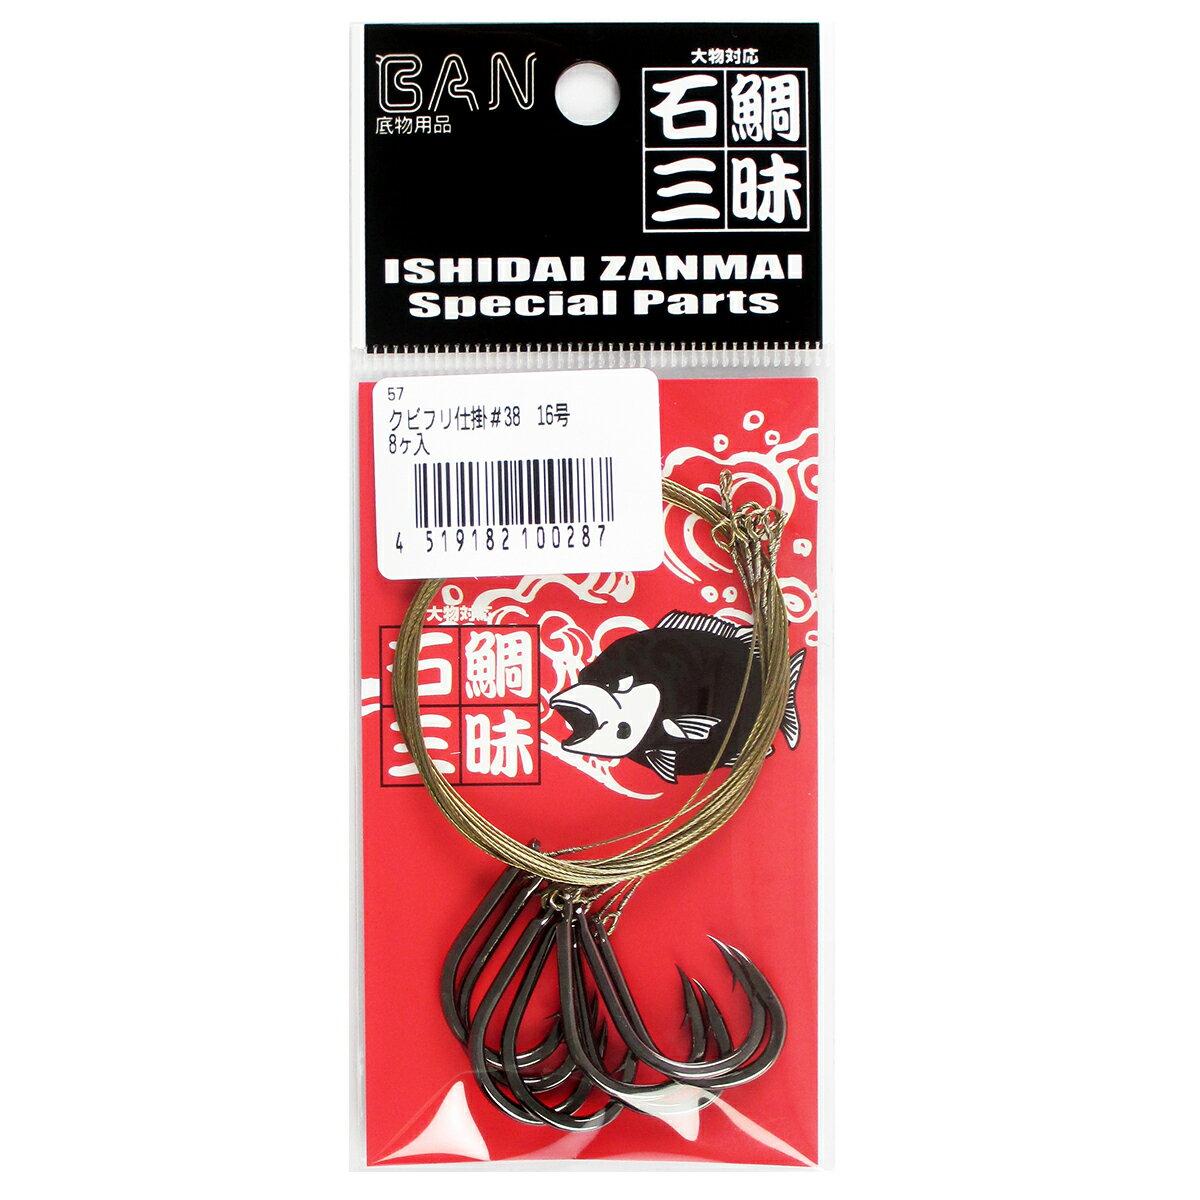 ダイヤフィッシング BAN・石鯛三昧 クビフリ仕掛け #38/×7 16号